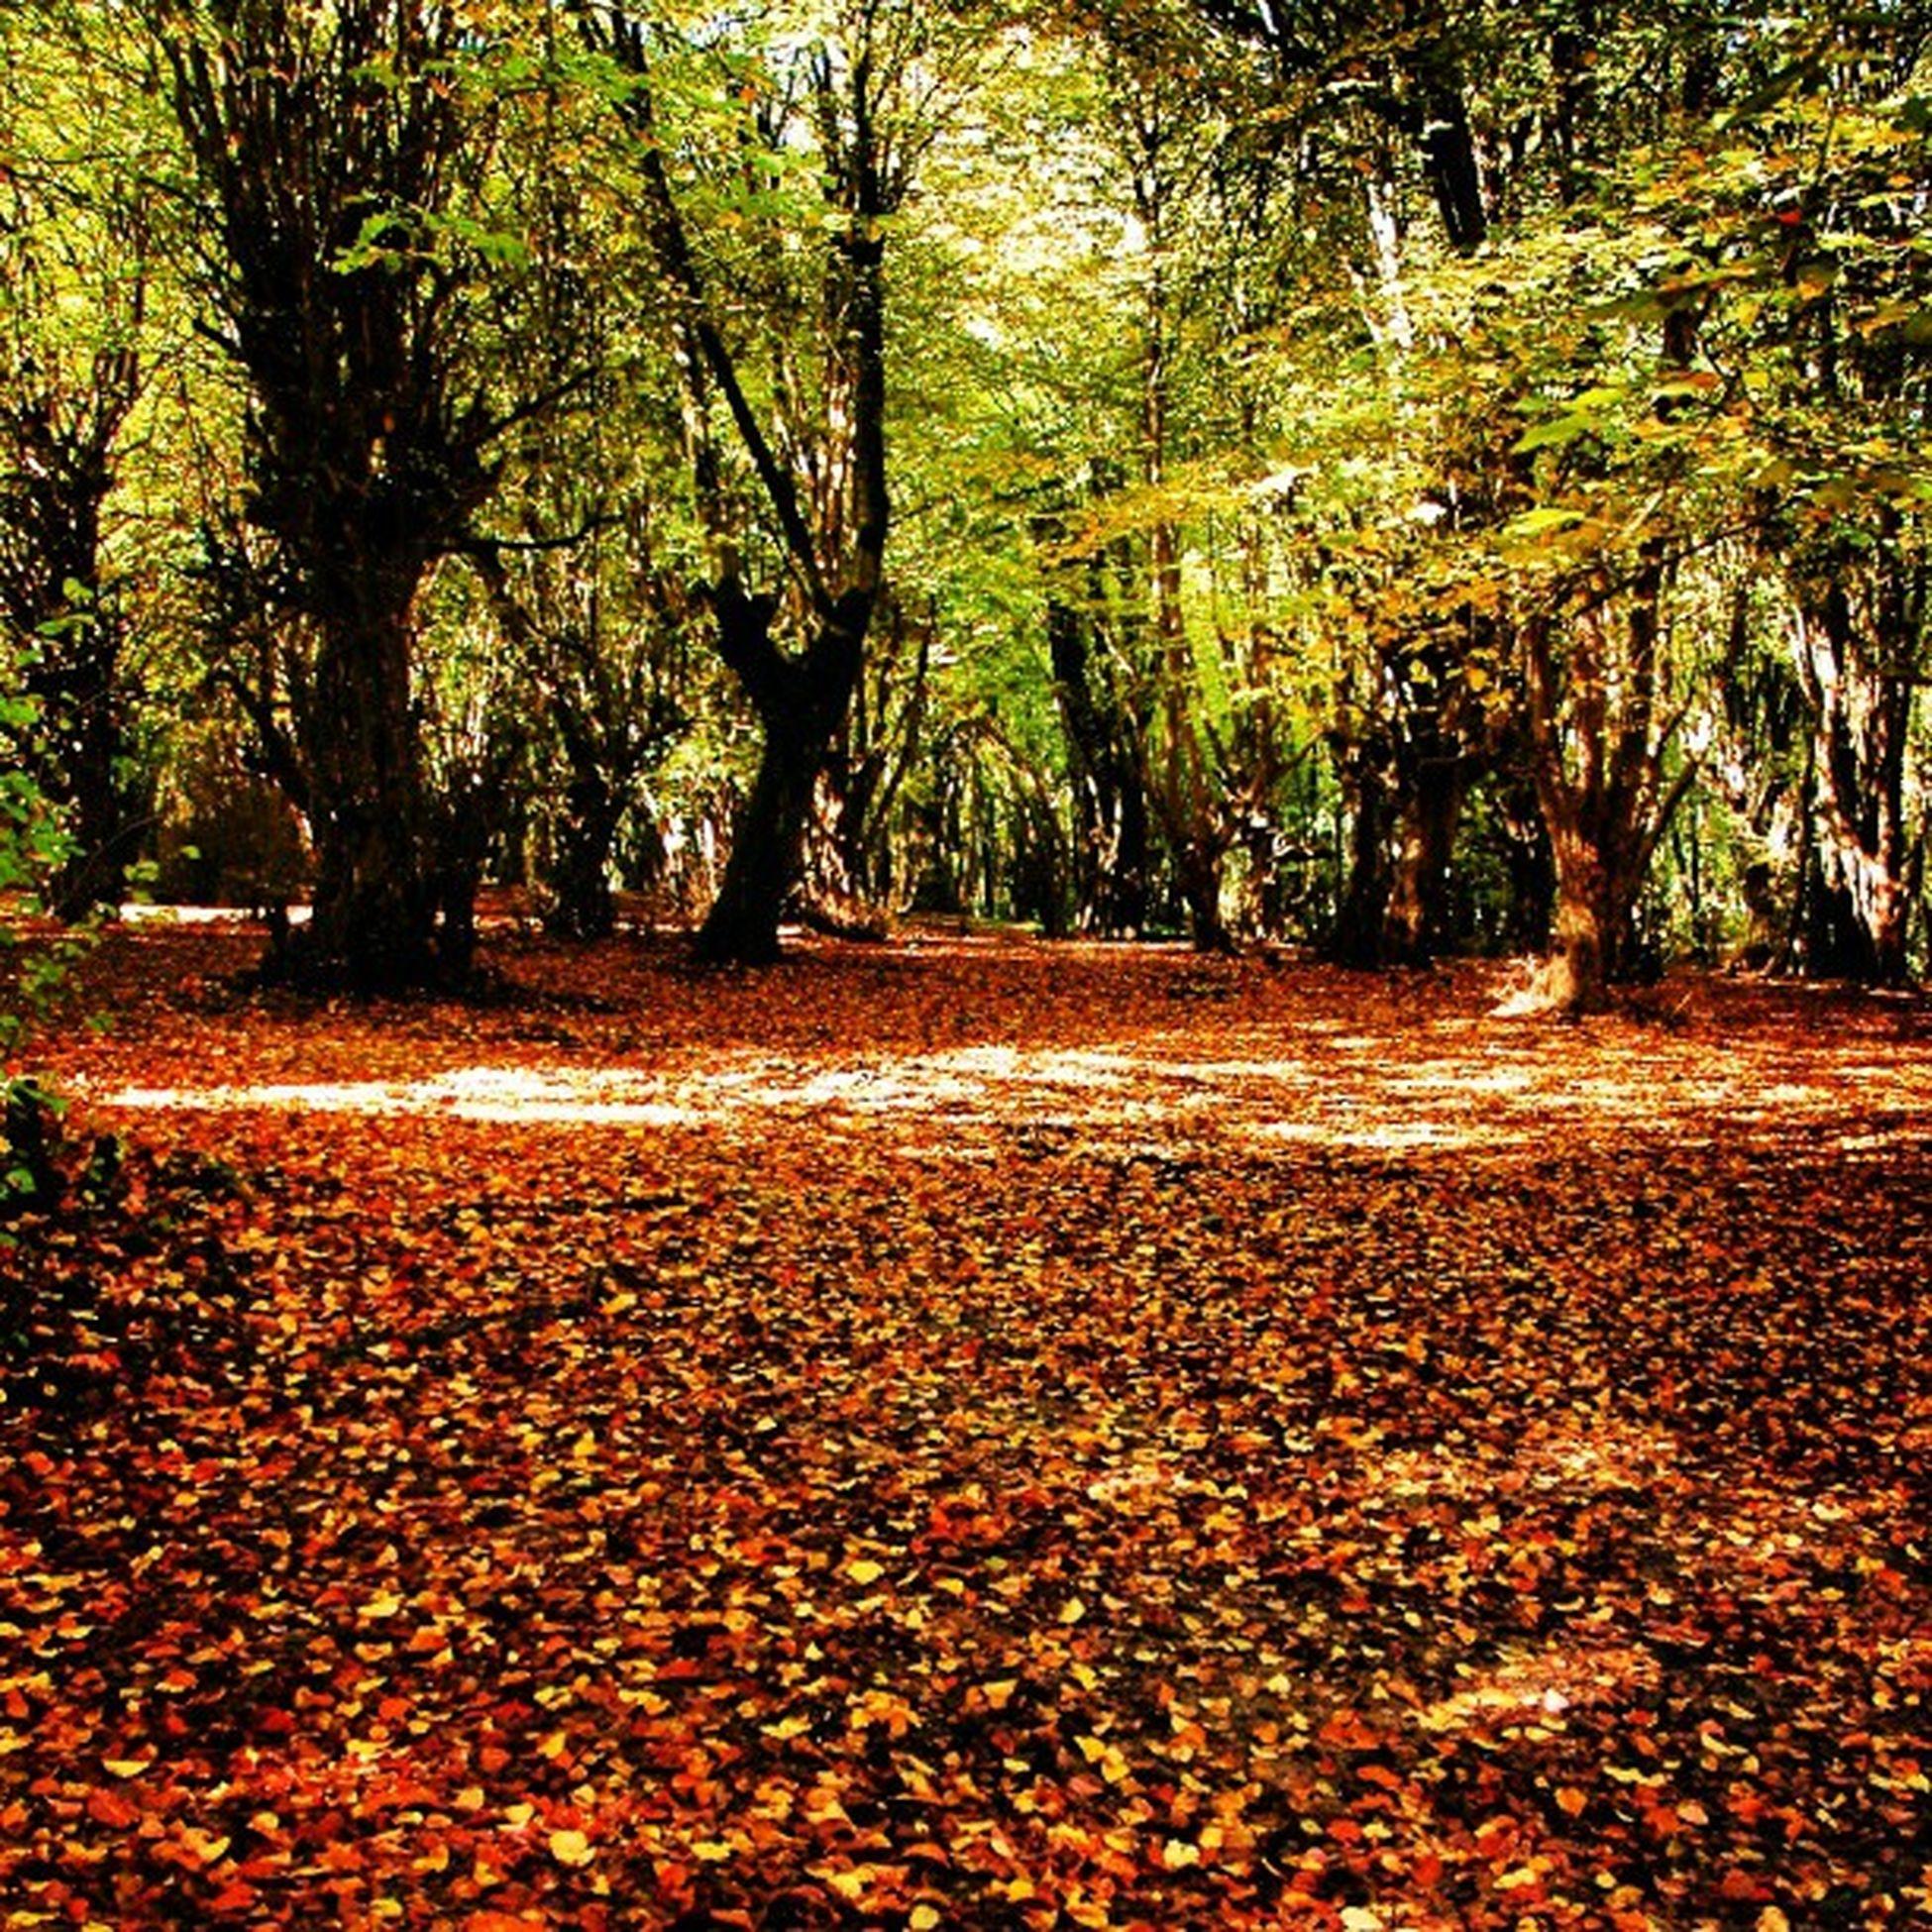 بهش میگن پاییز . جنگل النگدره گرگان Forest Jungle Iran پاییز Gorgan جنگل طبیعت Golestan گلستان گرگان برگها Nature زیبایی Beauty درختان Trees Alangdareh Leaves ایران Autumn النگدره